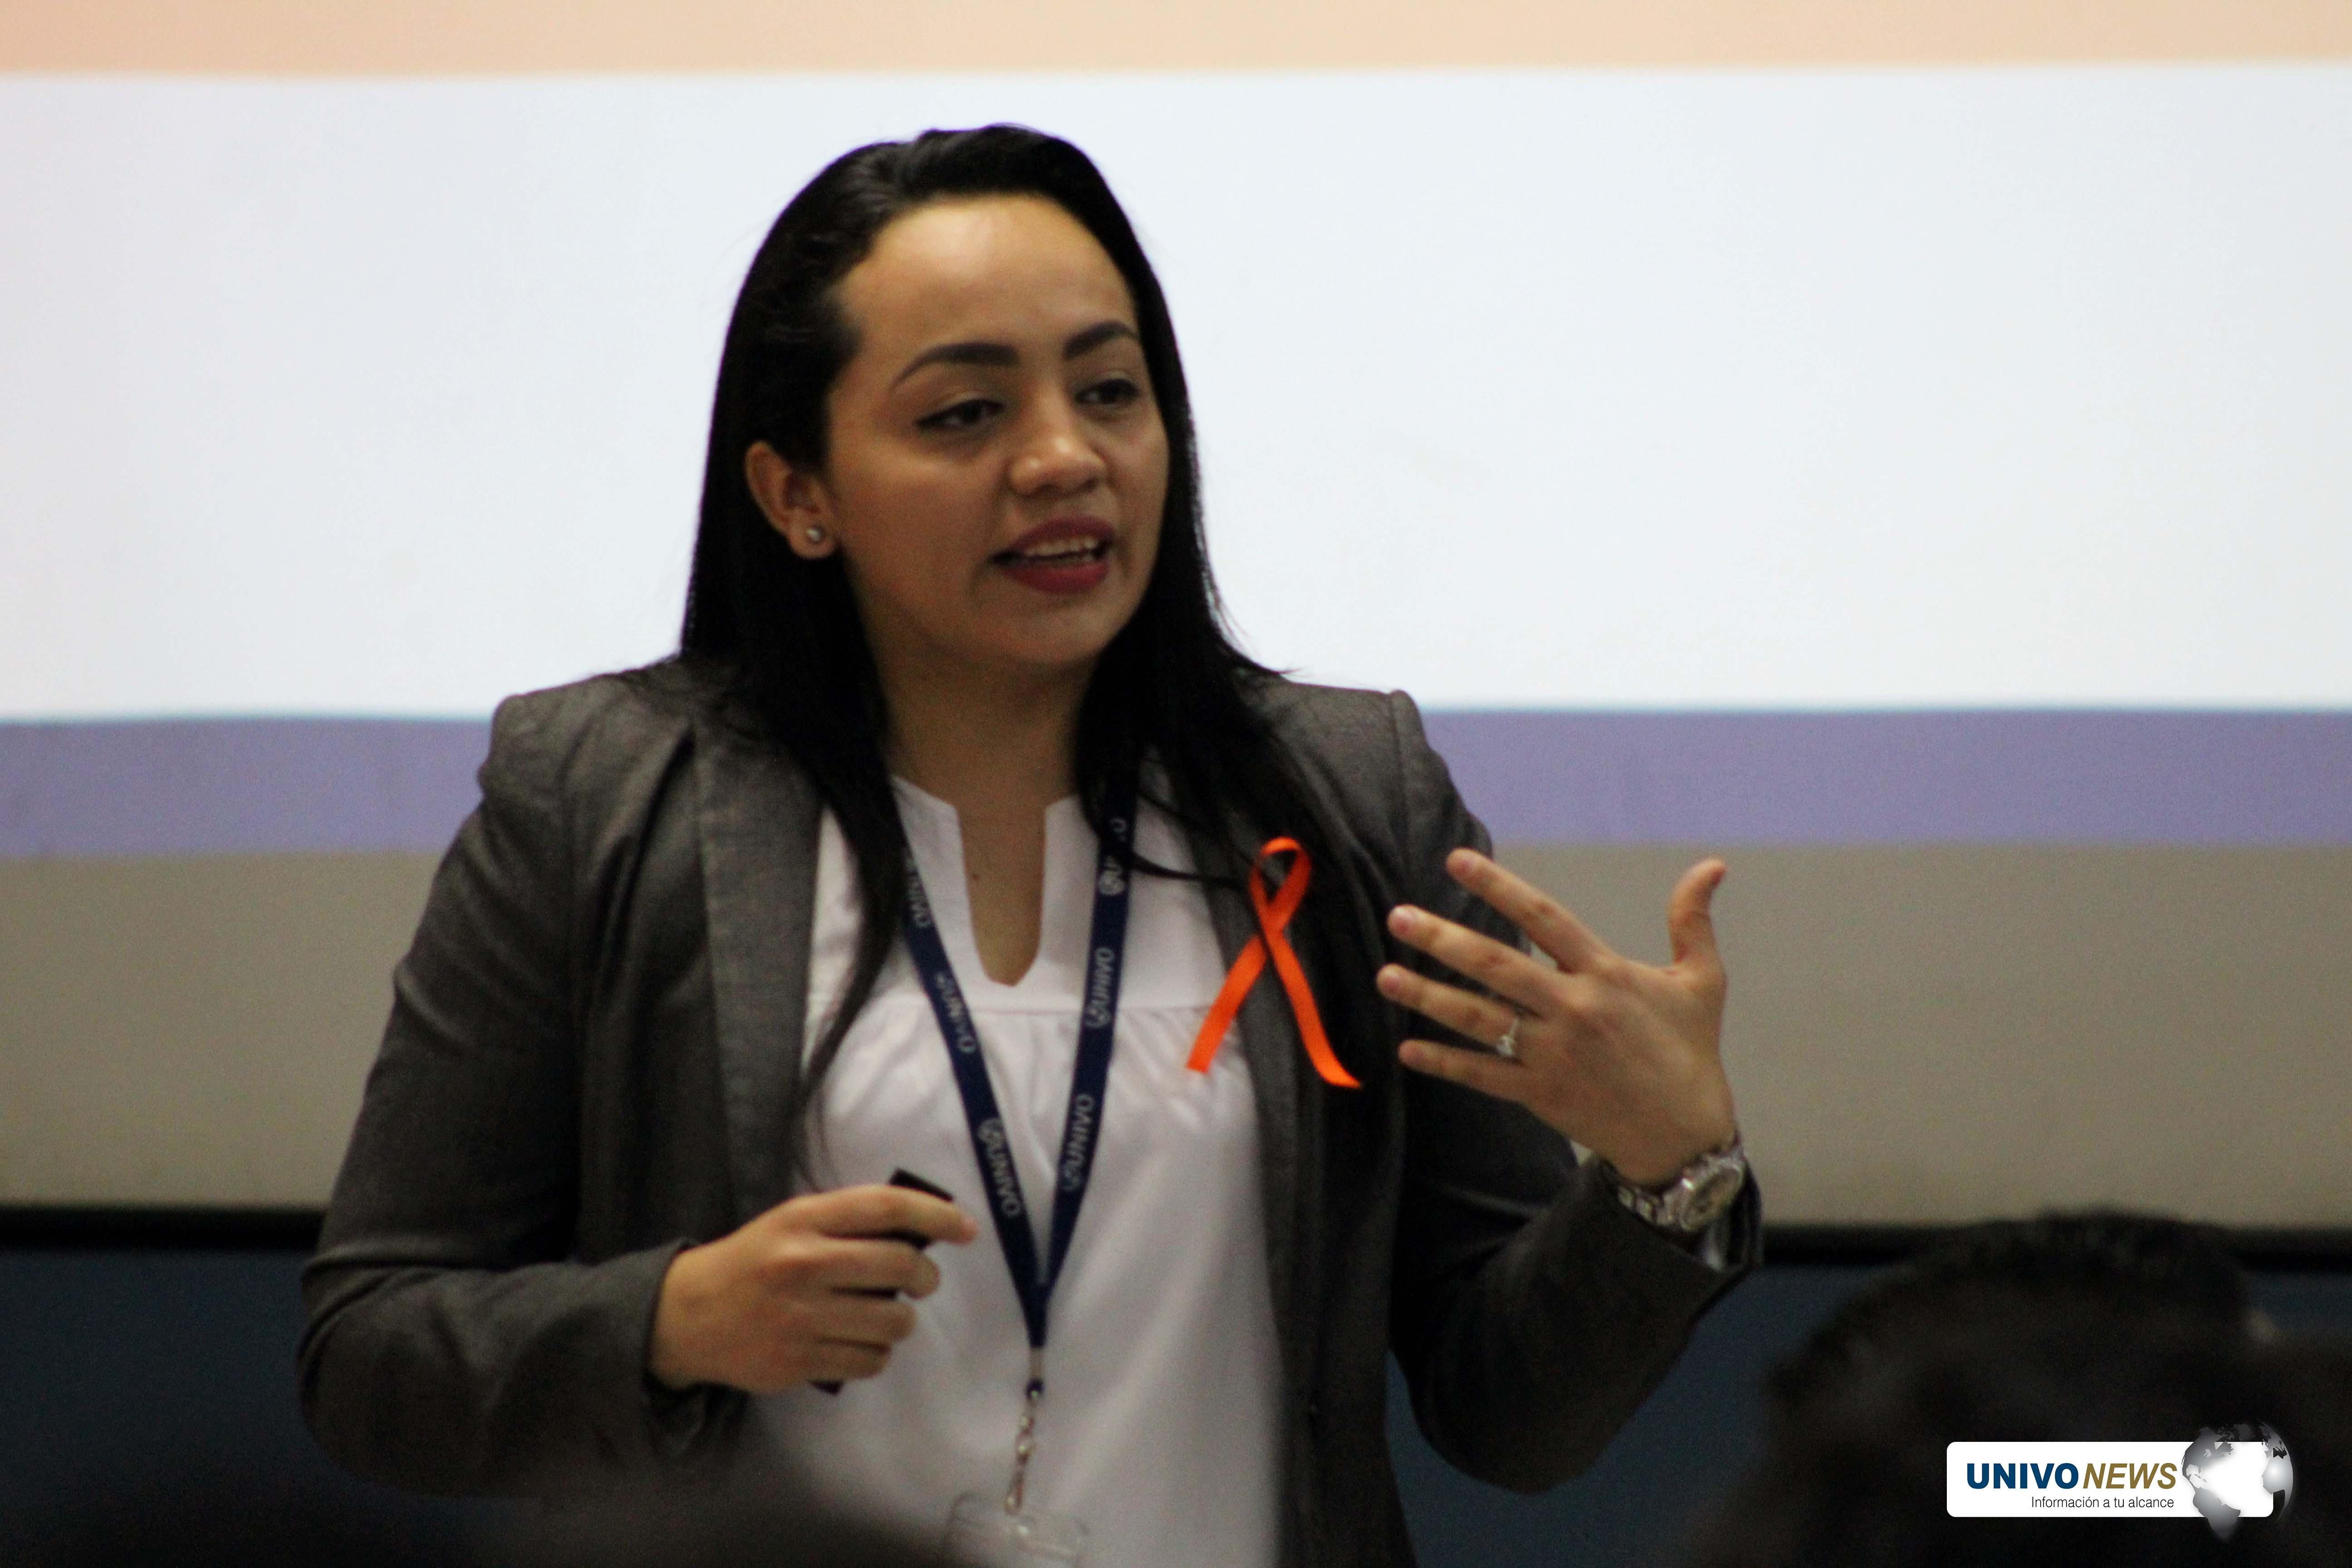 Docente UNIVO participó en encuentro de mujeres líderes